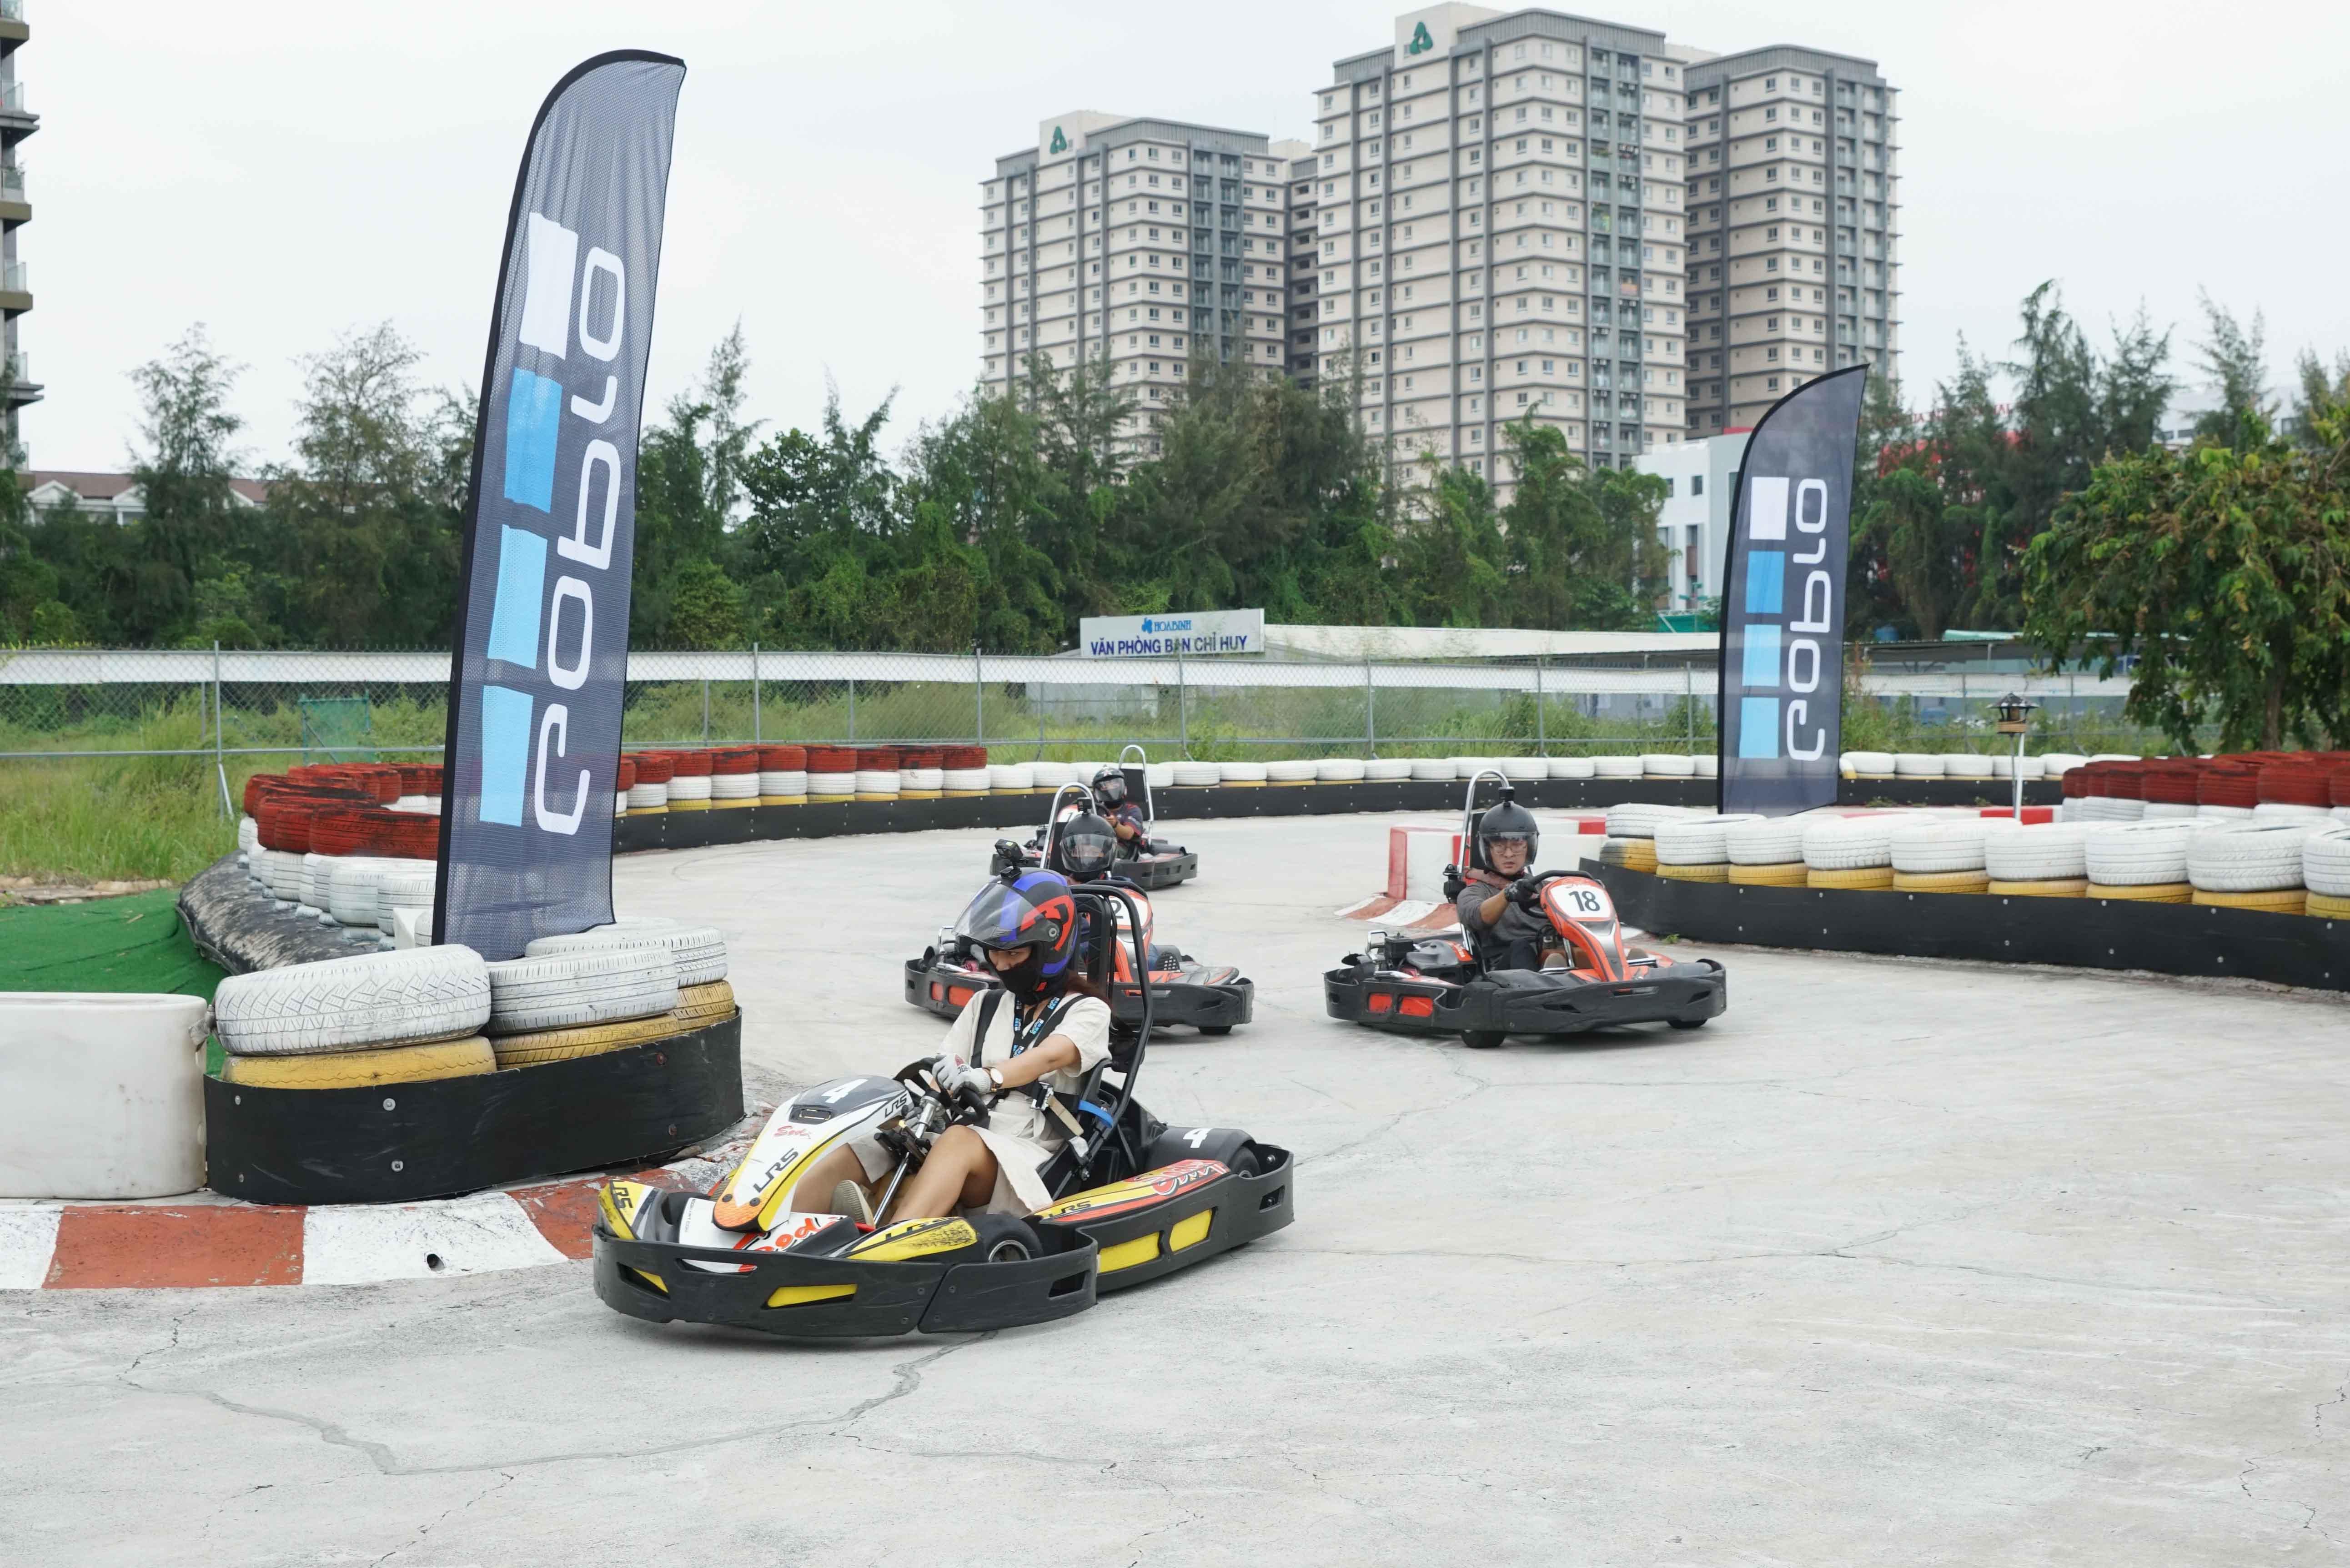 Cuối tuần, giới trẻ Sài Gòn rủ nhau đi đua xe Go-Kart Ảnh 1